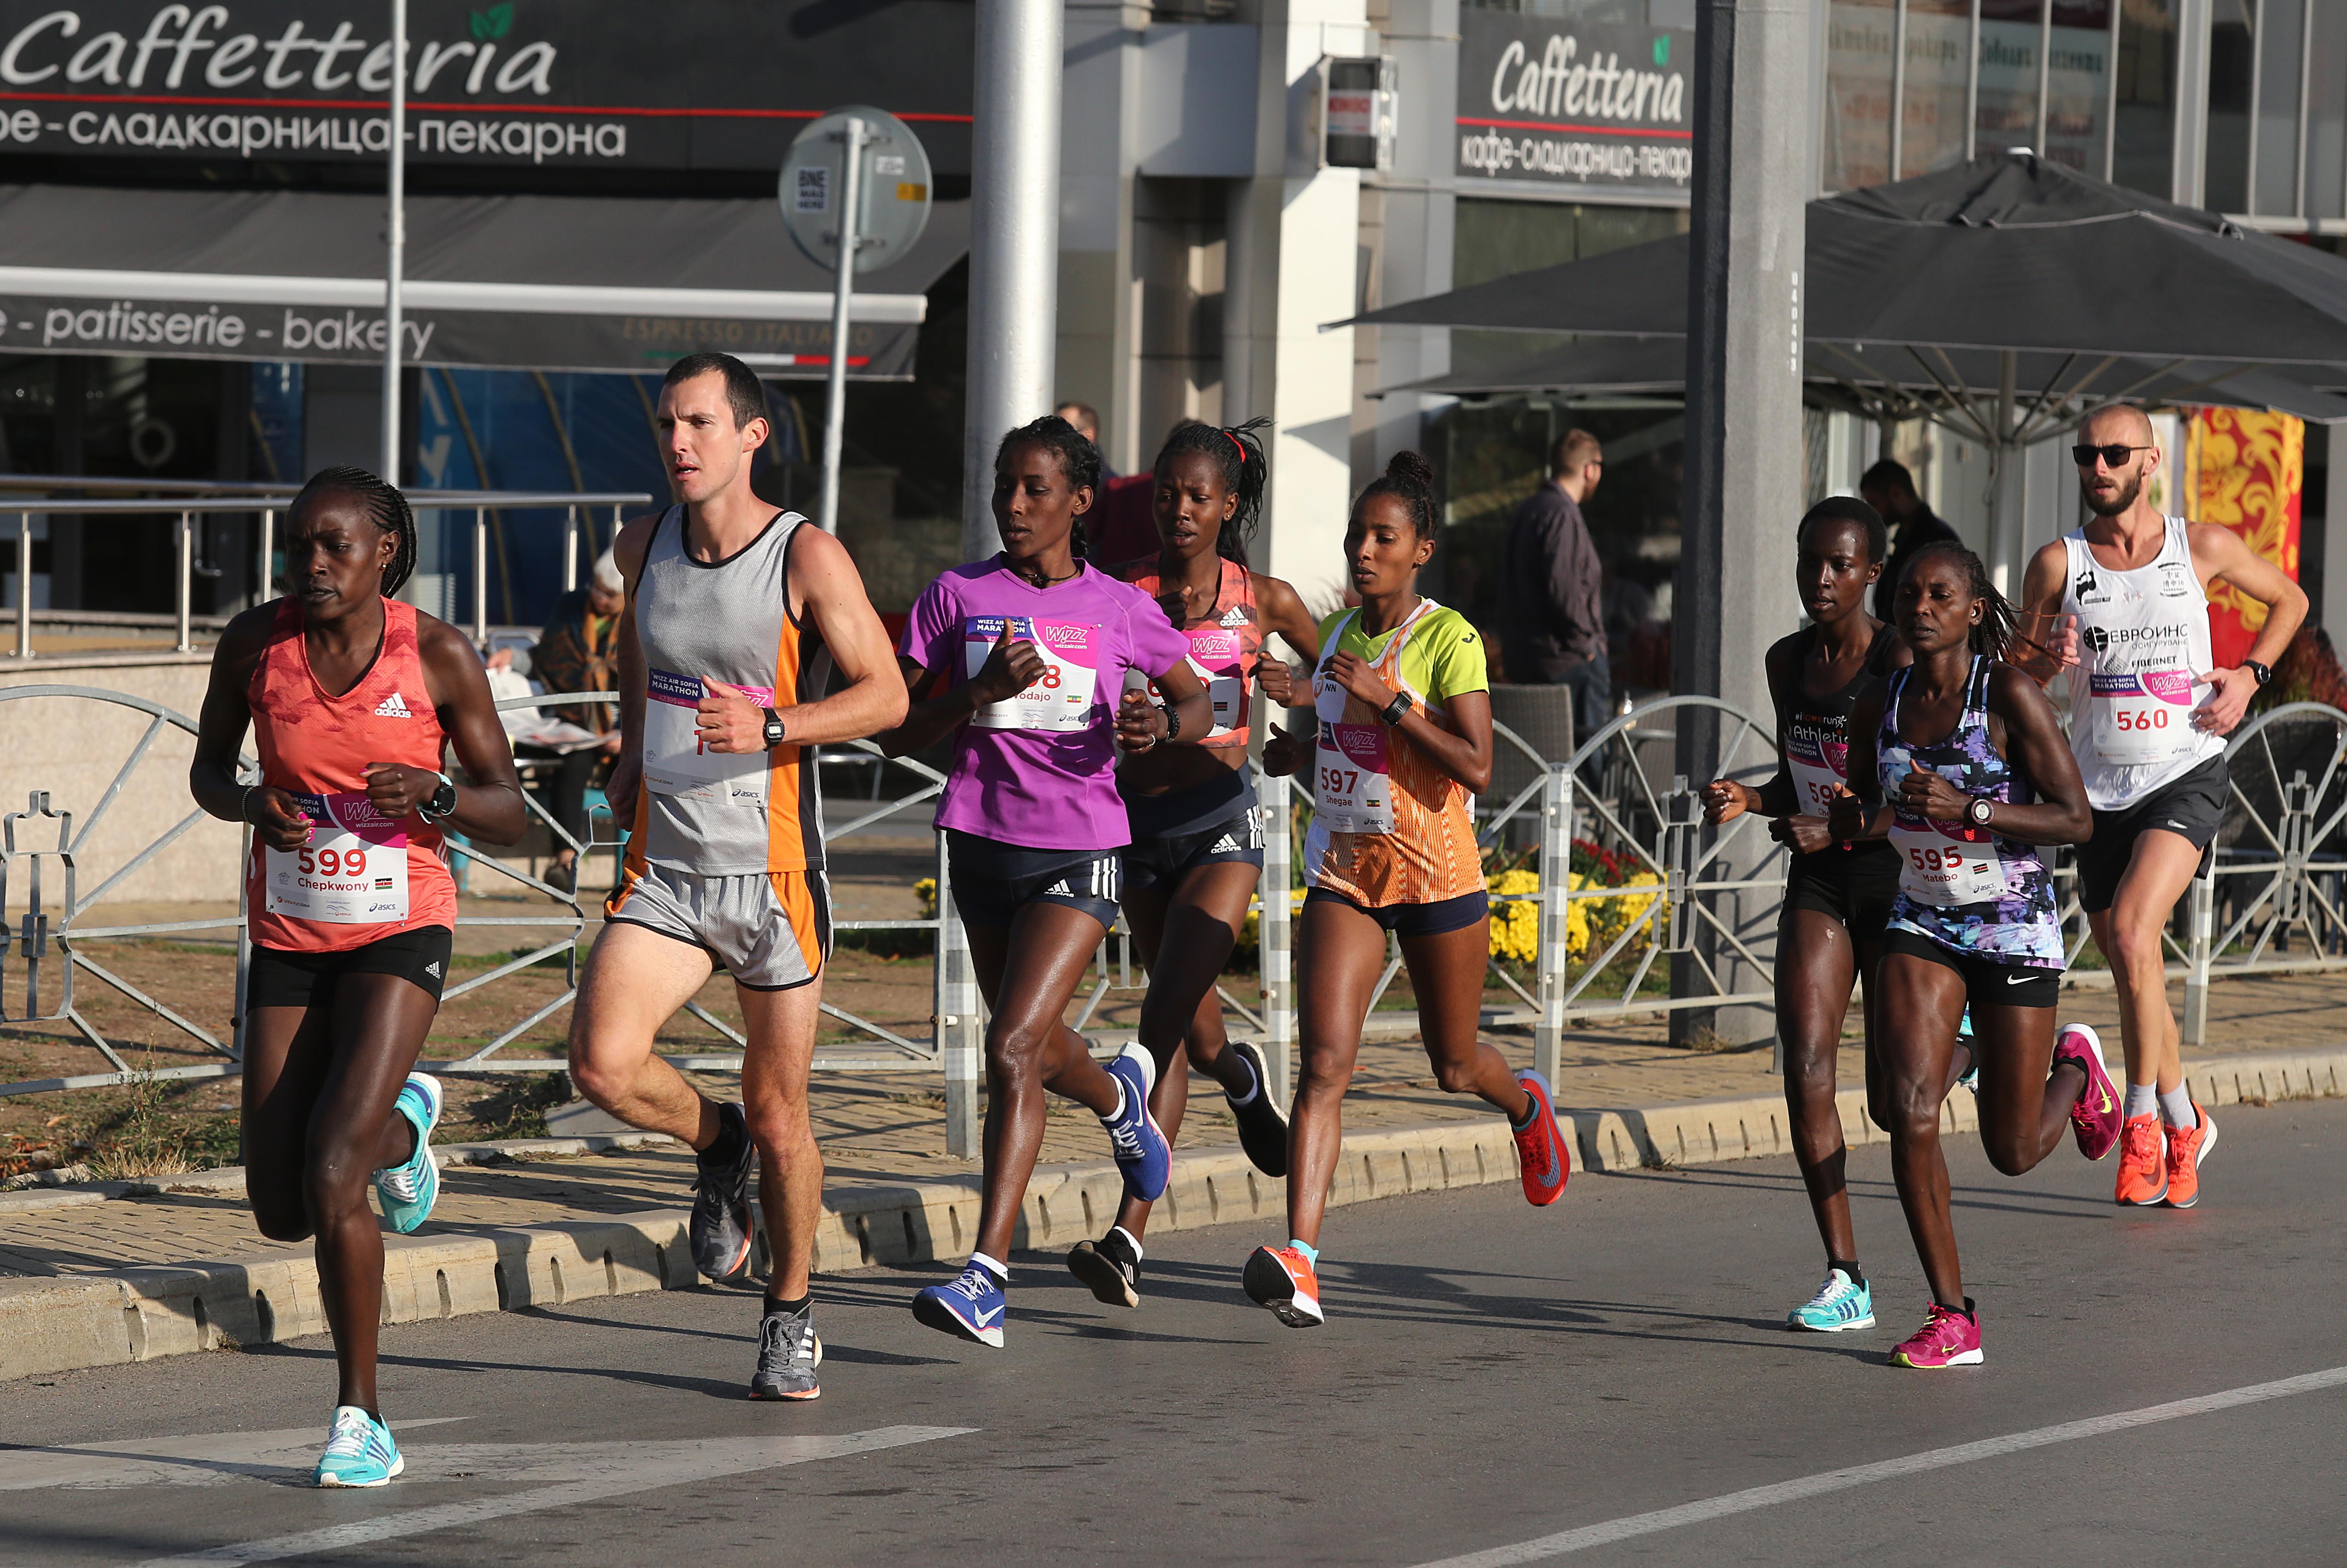 В тазгодишната 36-а поред надпревара участваха близо 5000 маратонци от 50 страни. Сред тях бяха 850 чужденци.